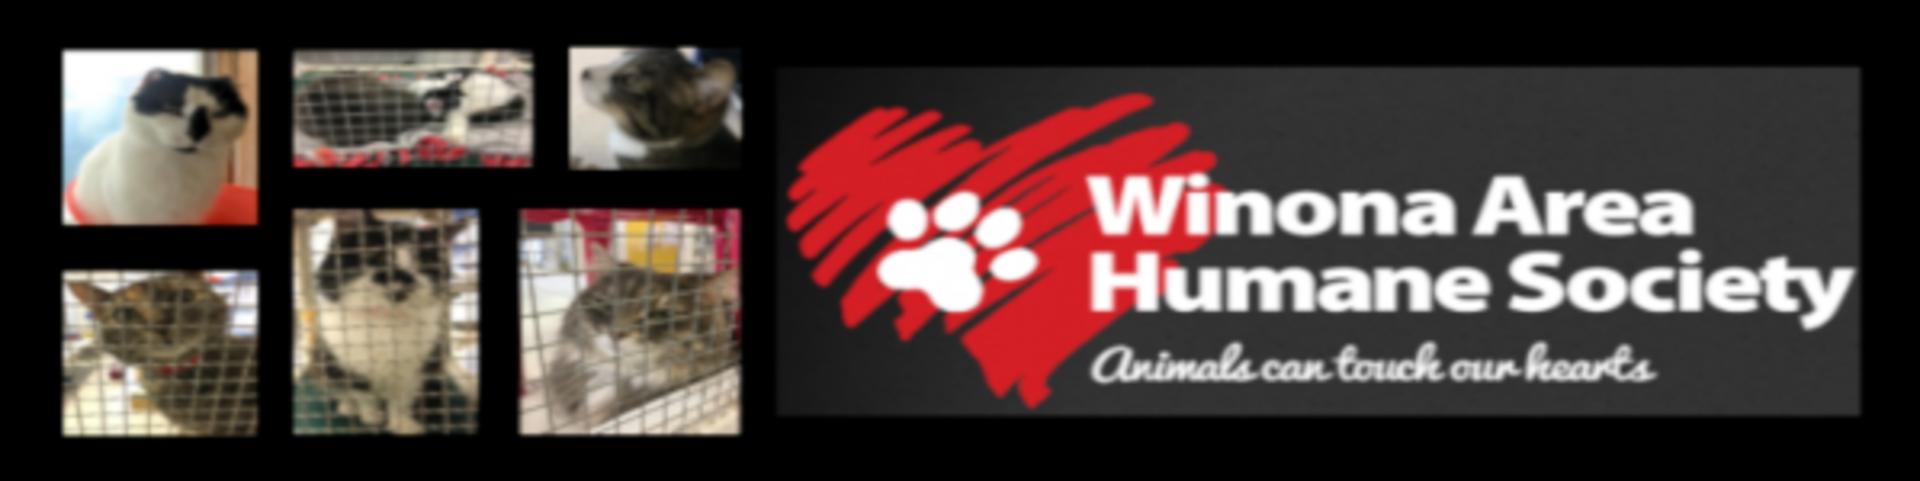 Adopt, Don't Shop! WAHS Volunteering